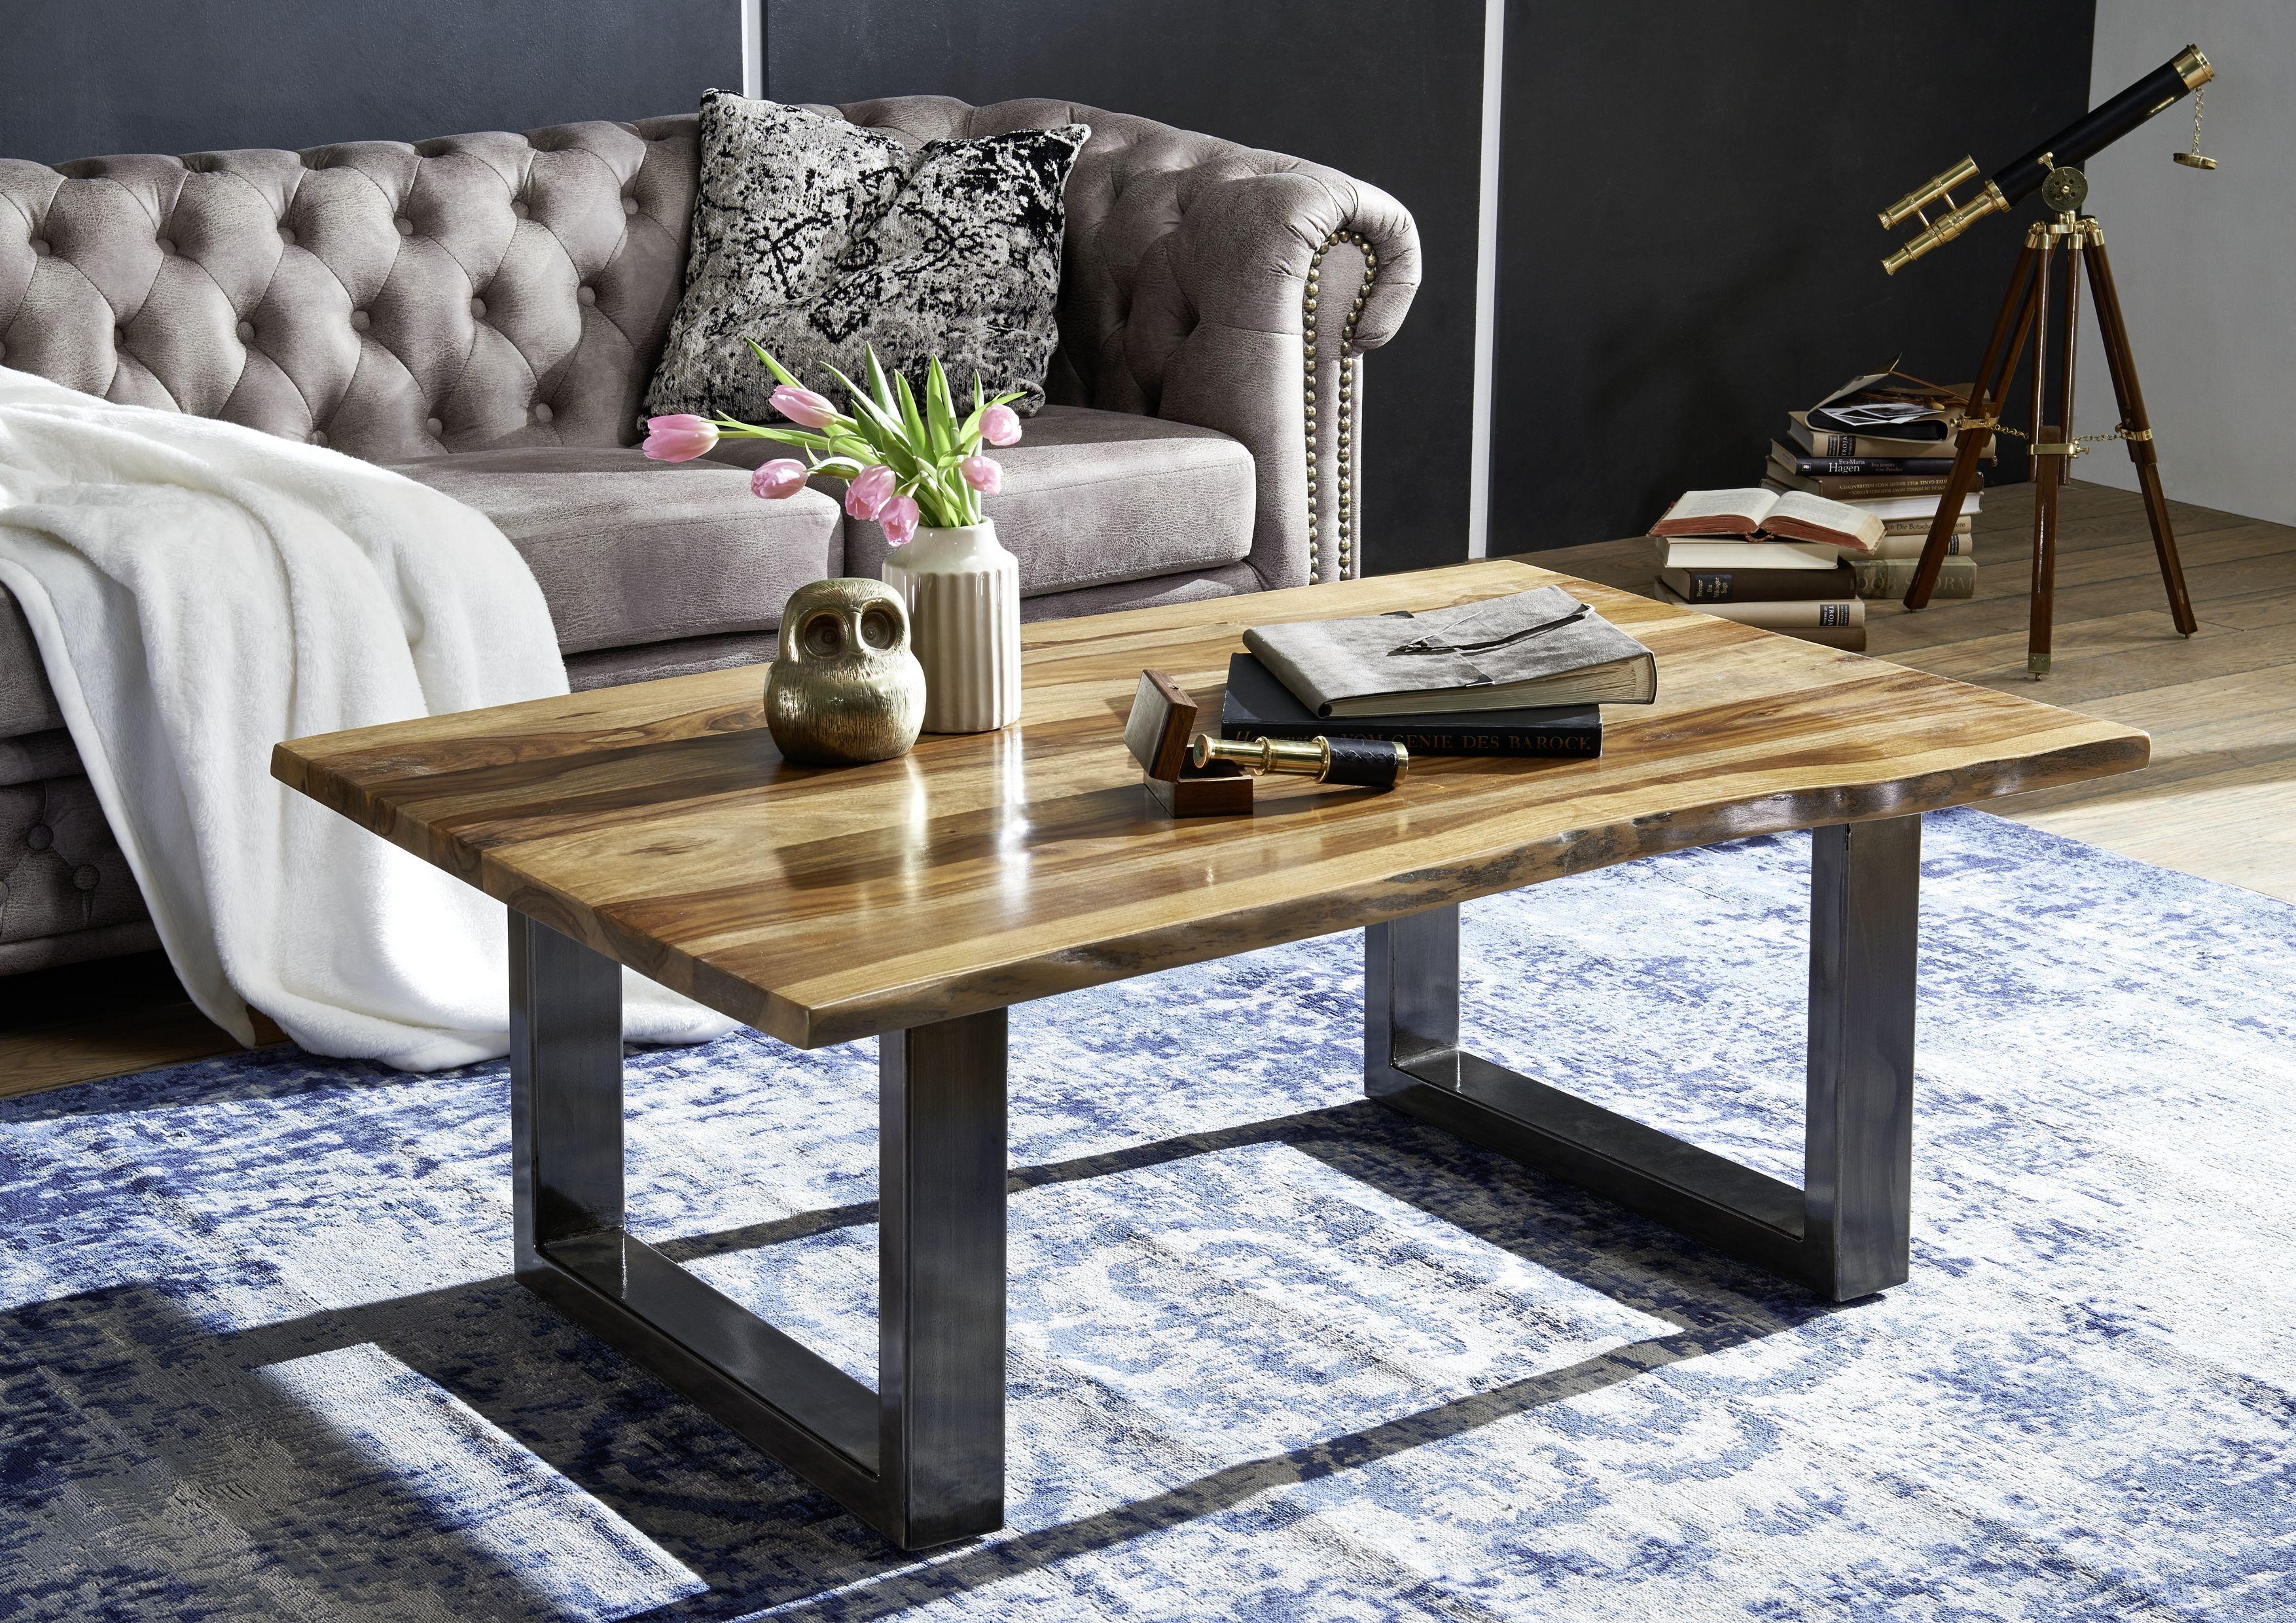 möbel möbelstücke wohnzimmer holz echtholz massivholz wood wooddesign woodwork homeinterior interiordesign homedecor